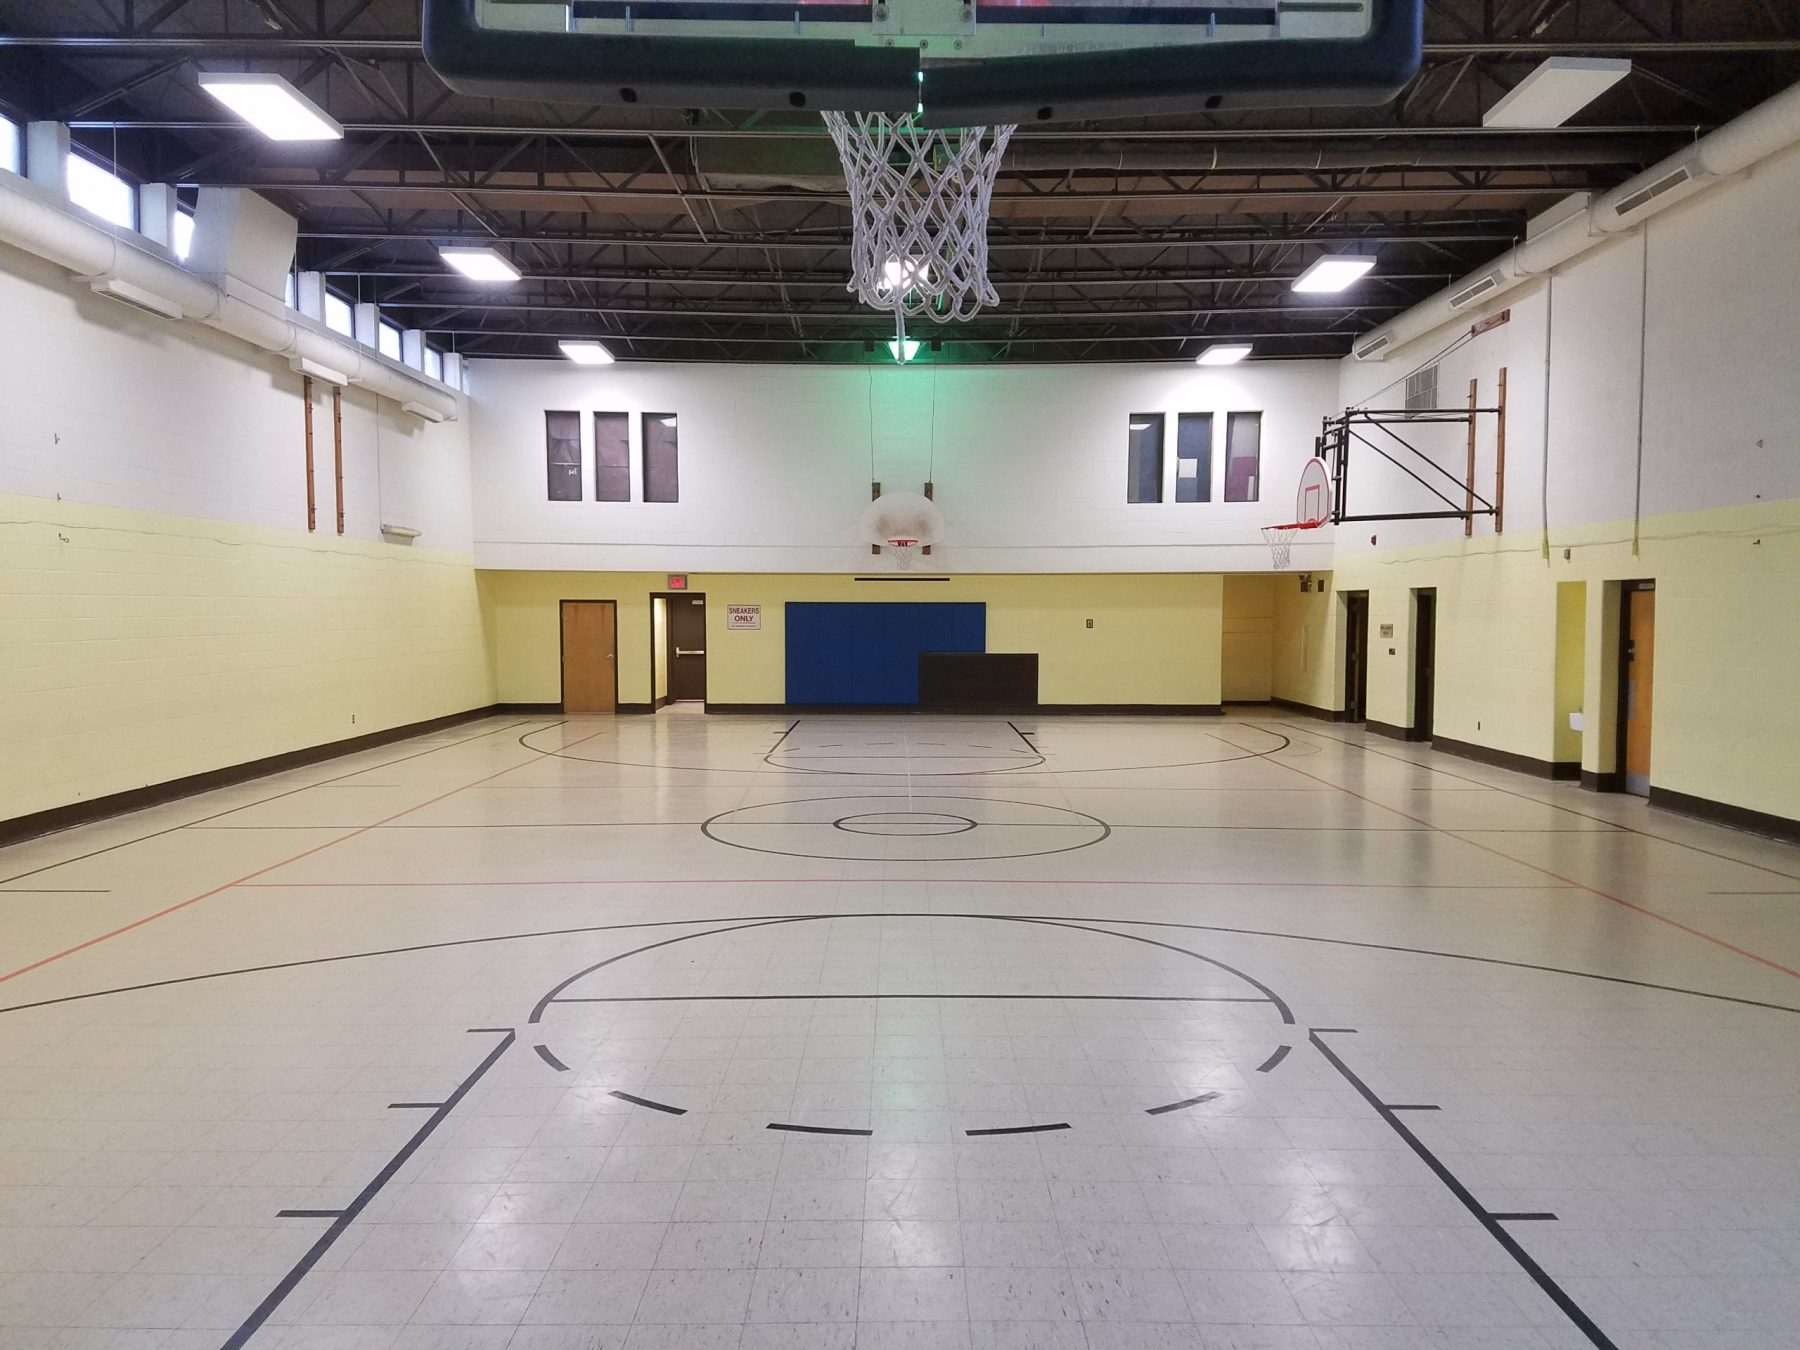 Basketball Court (indoor)